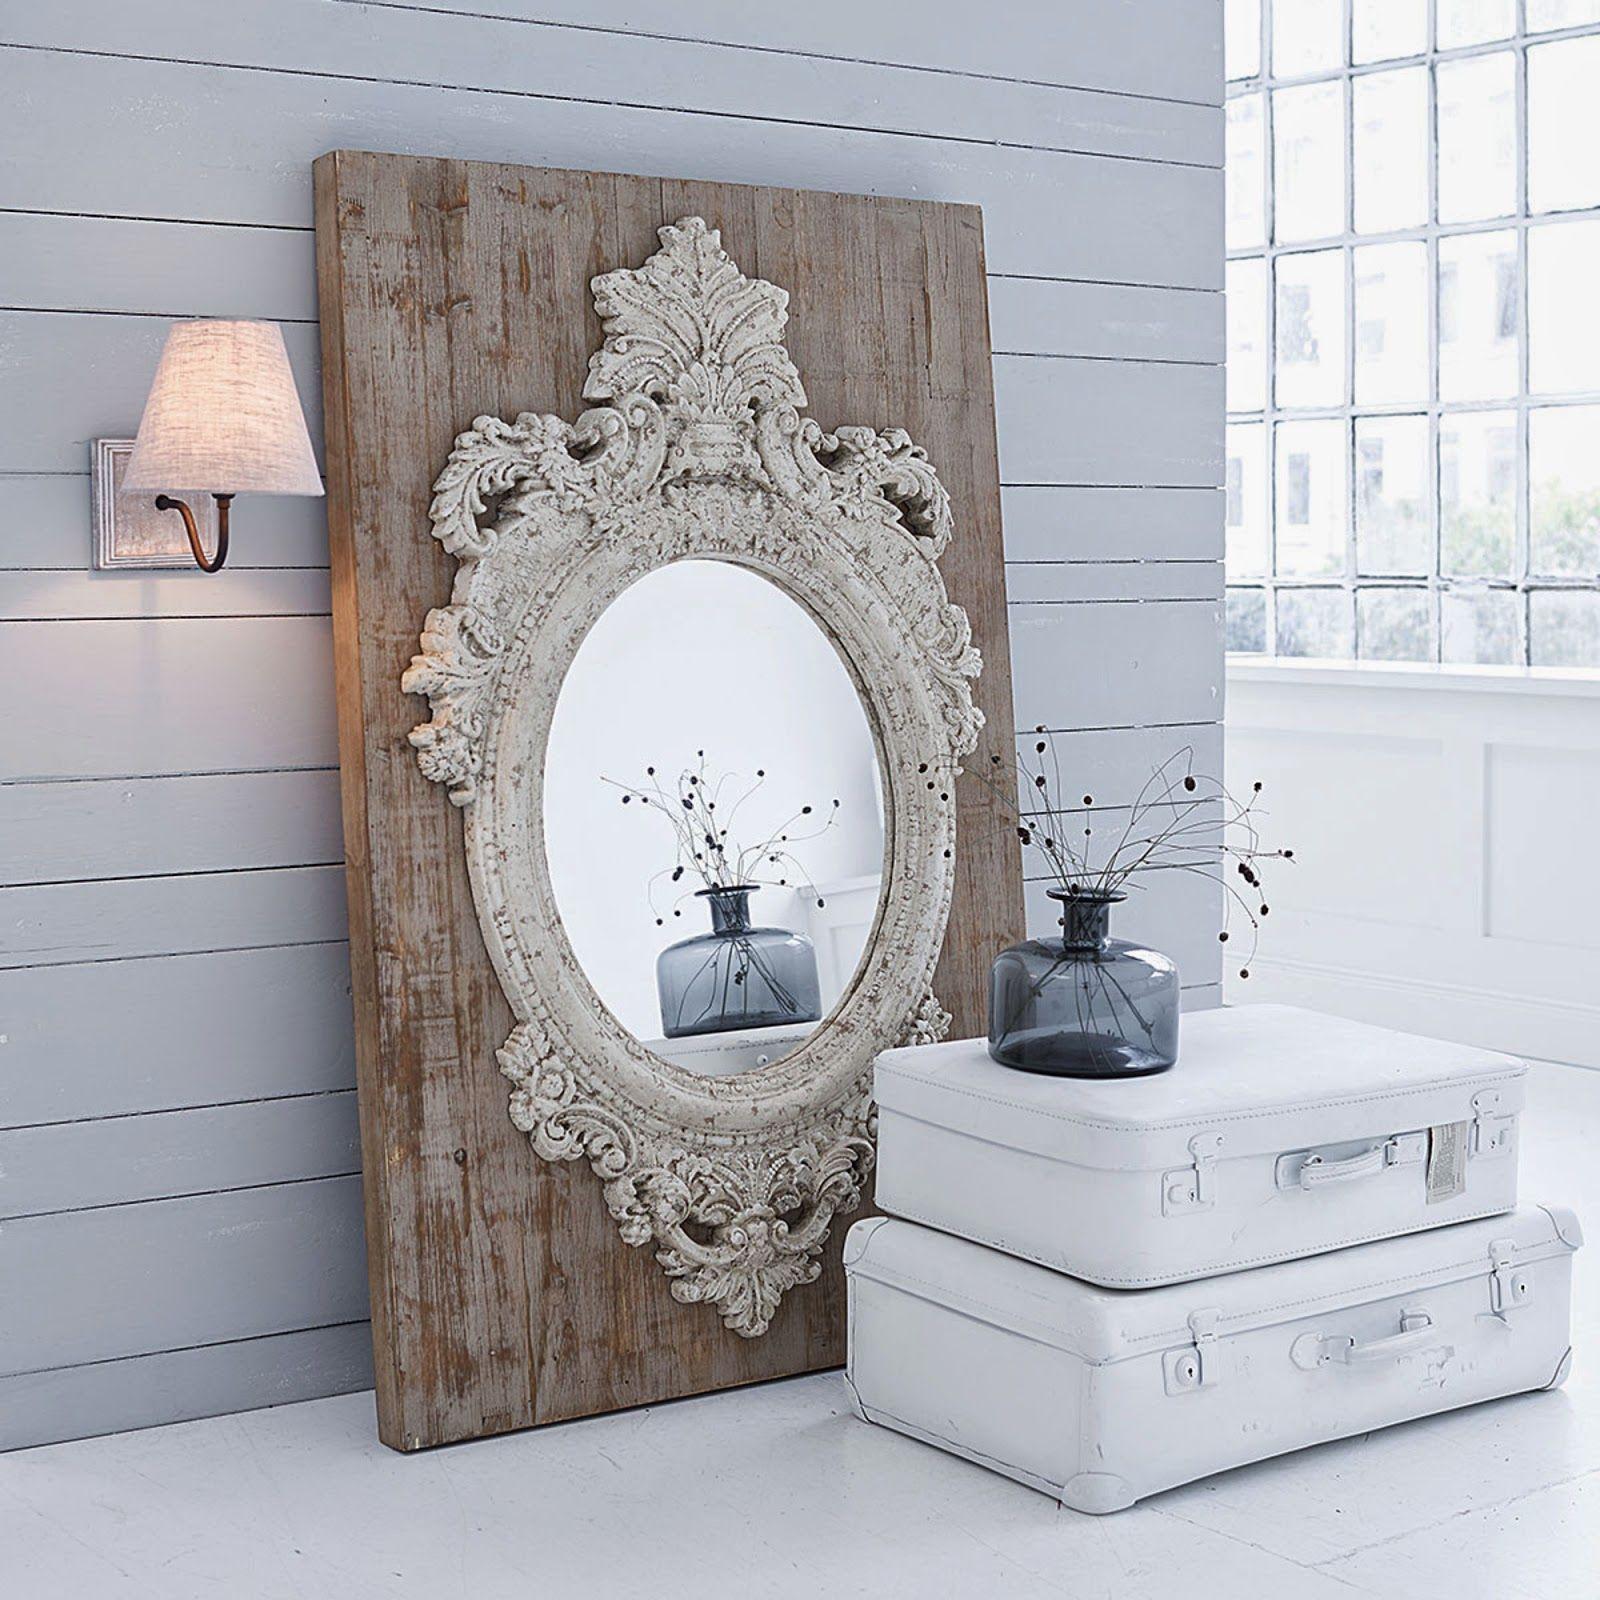 Le miroir devient plus imposant lorsqu\'appliqué sur une planche de ...